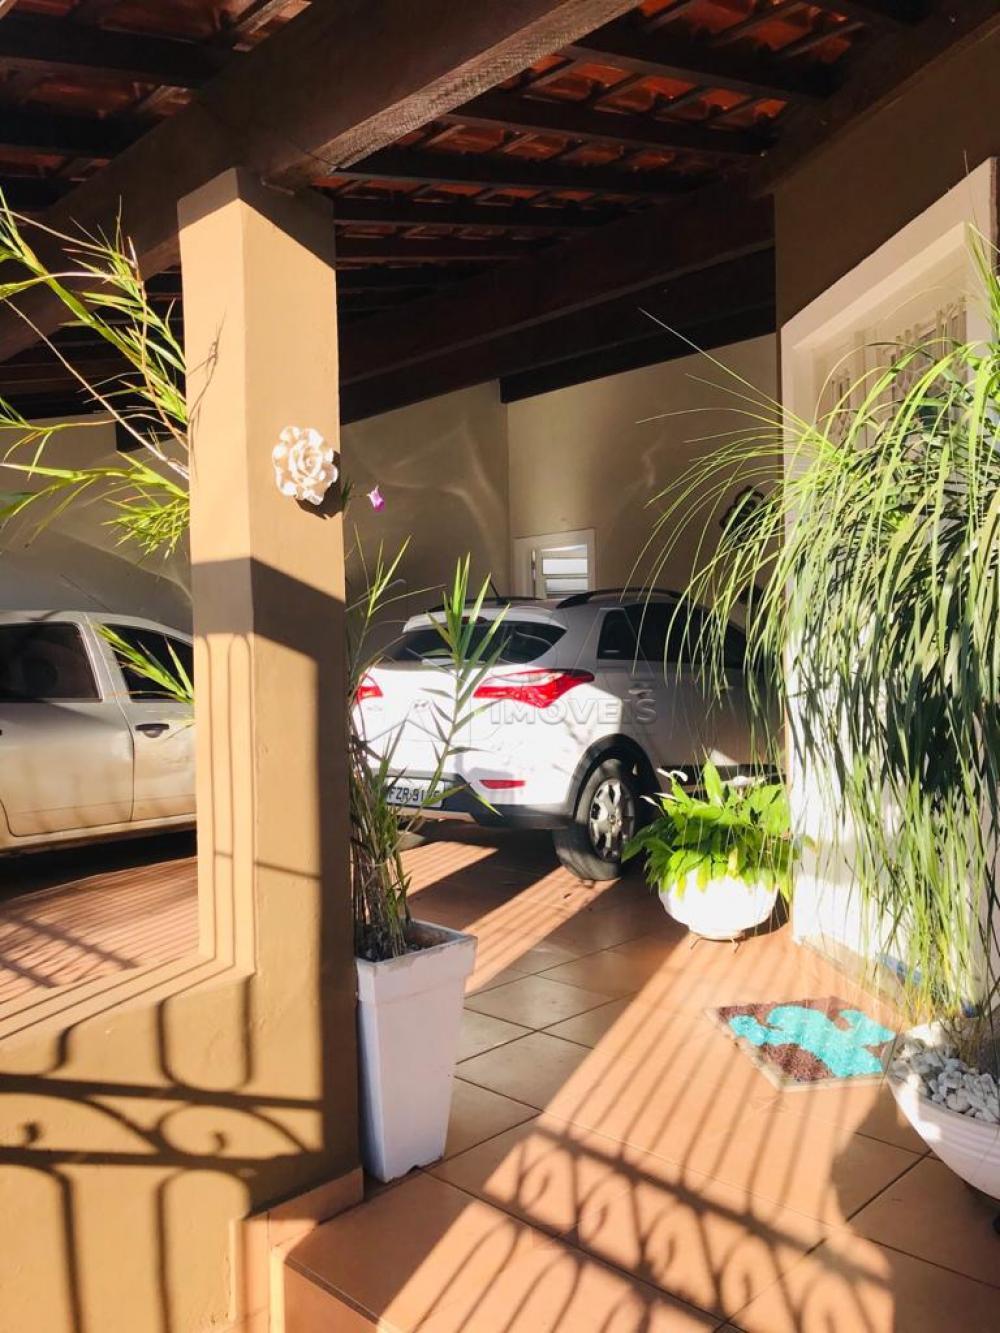 Comprar Casa / Padrão em Botucatu apenas R$ 470.000,00 - Foto 4